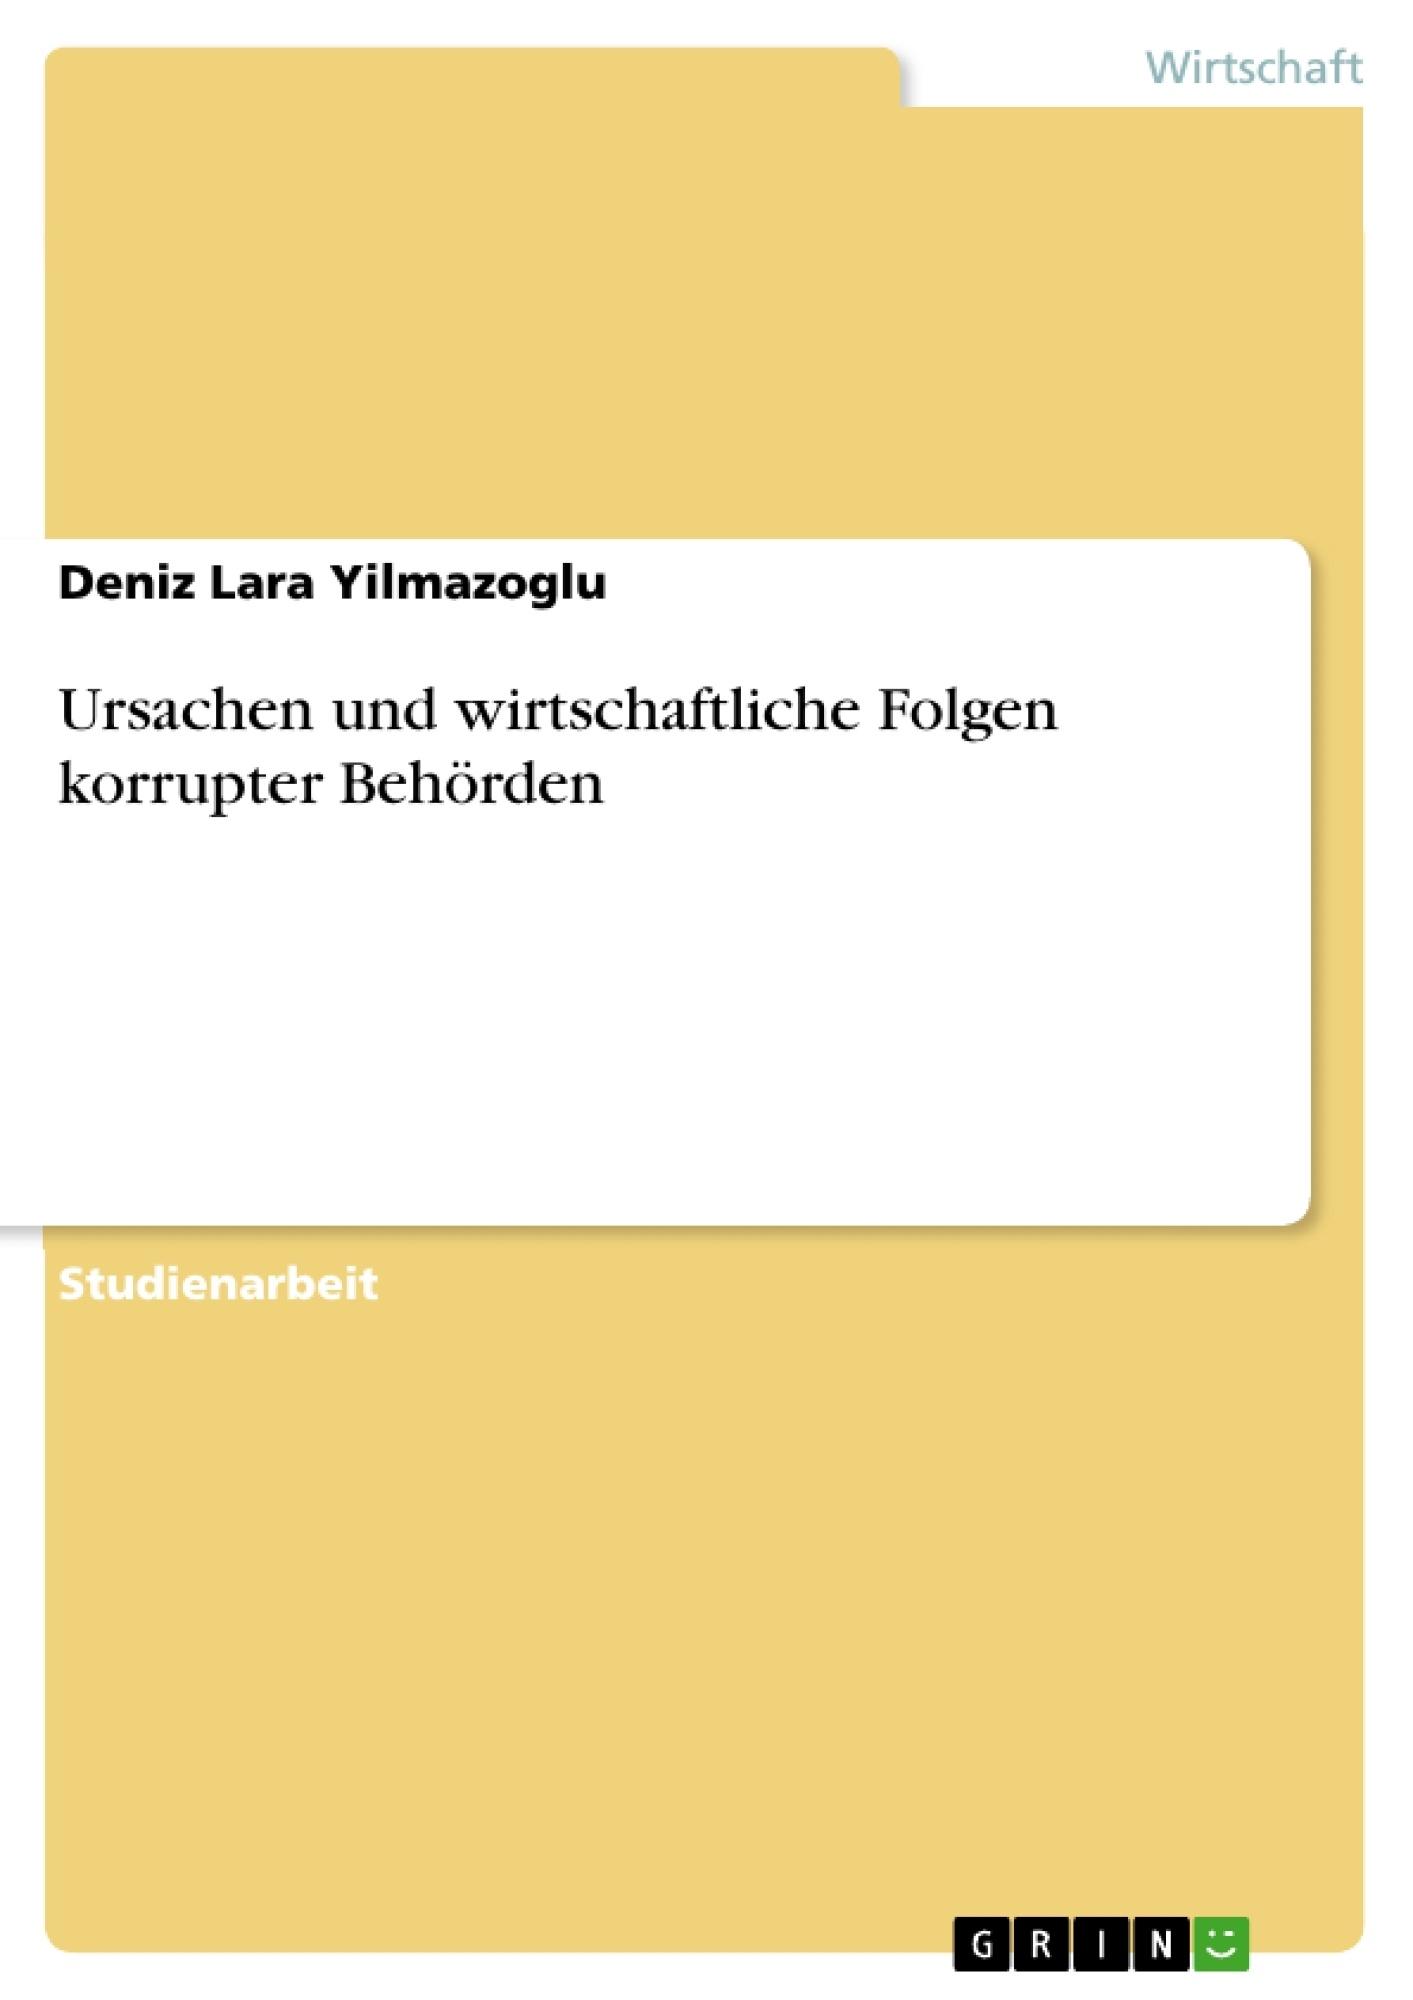 Titel: Ursachen und wirtschaftliche Folgen korrupter Behörden